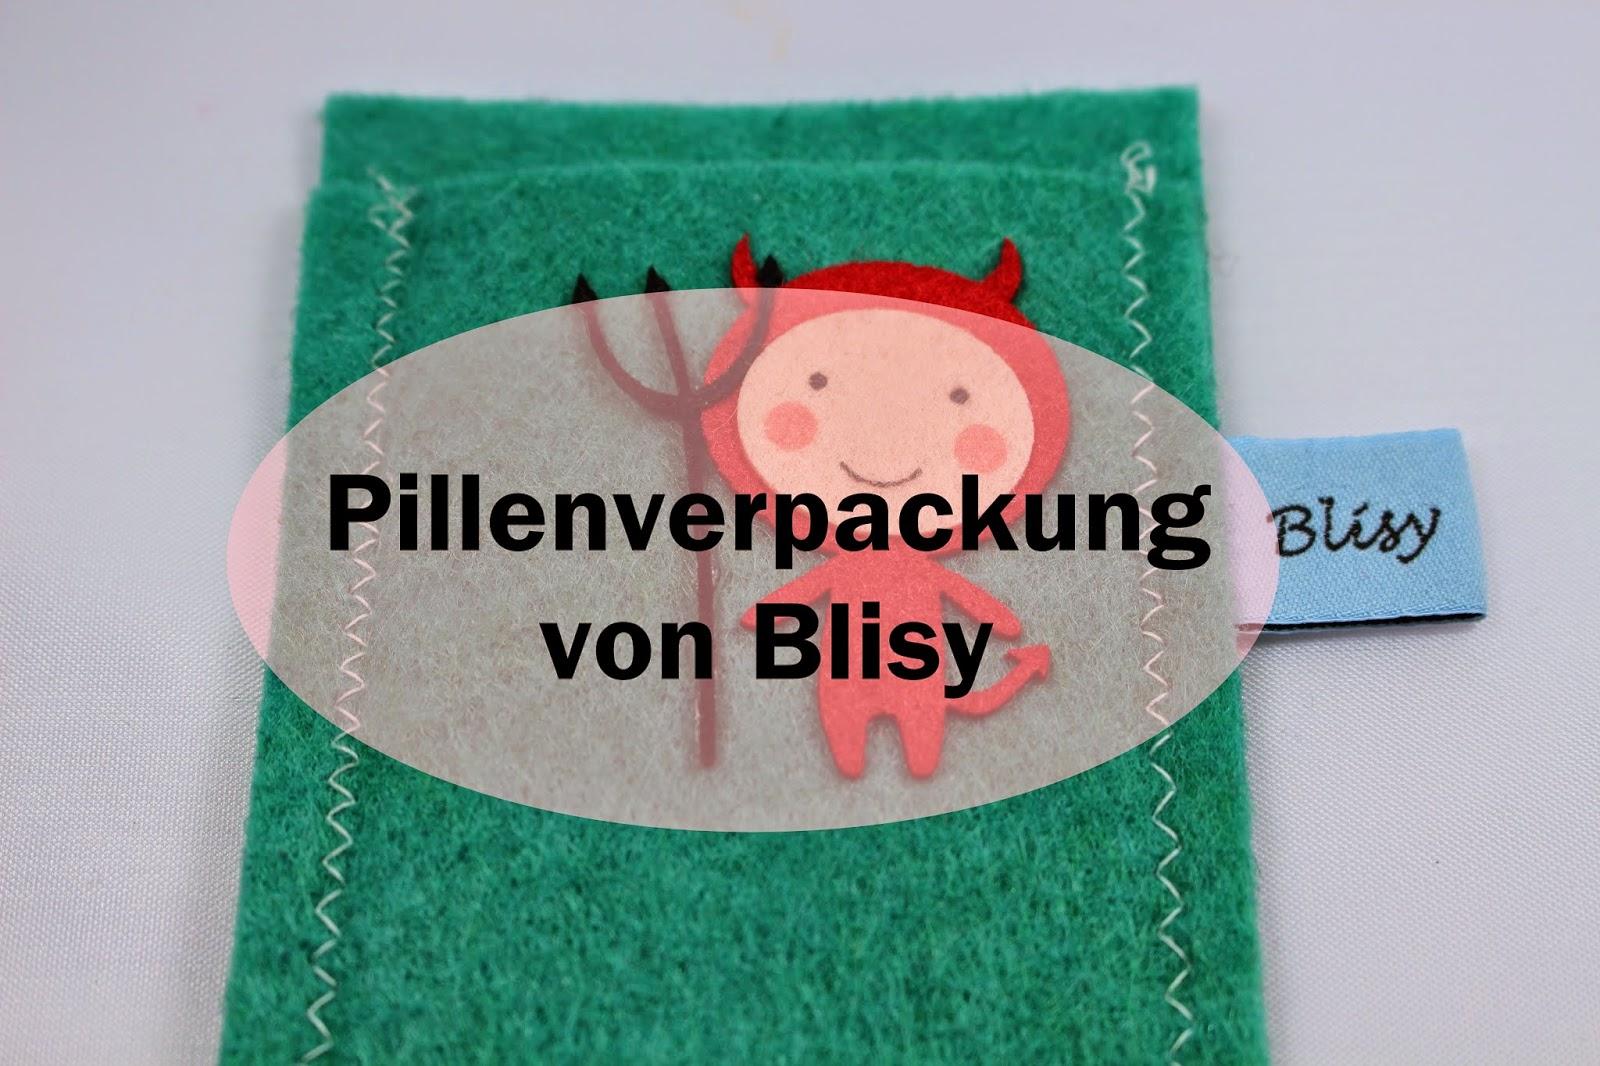 Blisy Pillenverpackung